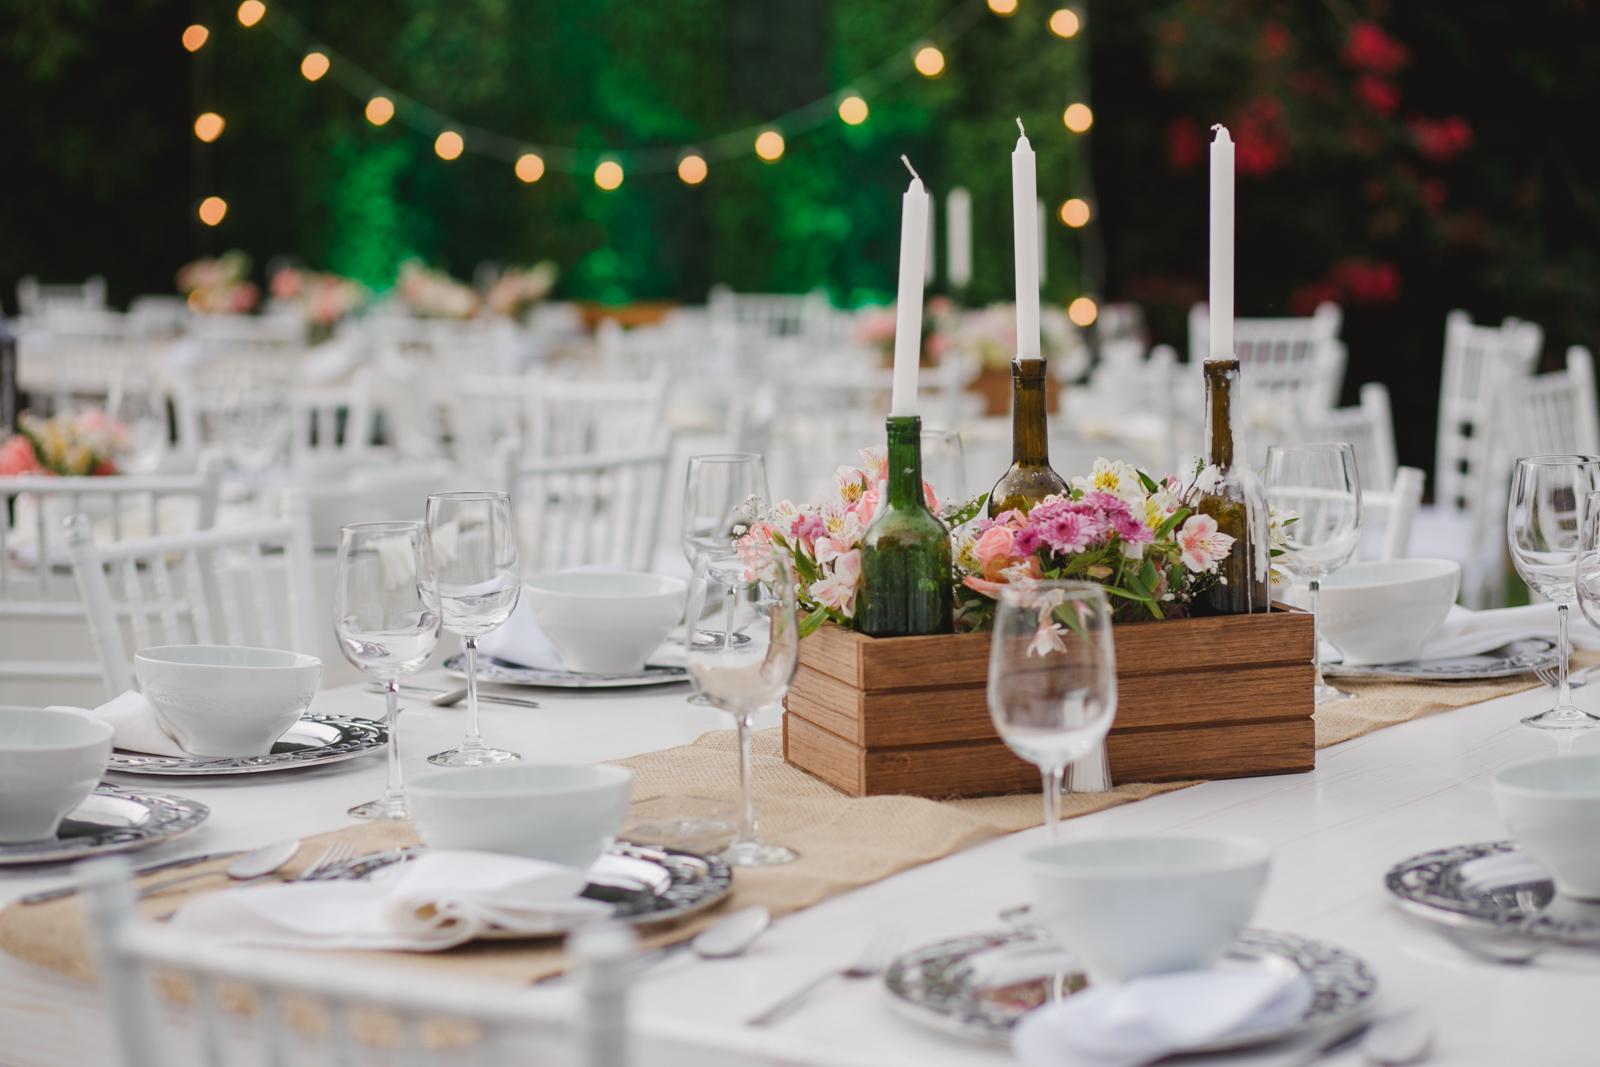 armando-aragon-fotografo-de-bodas-026